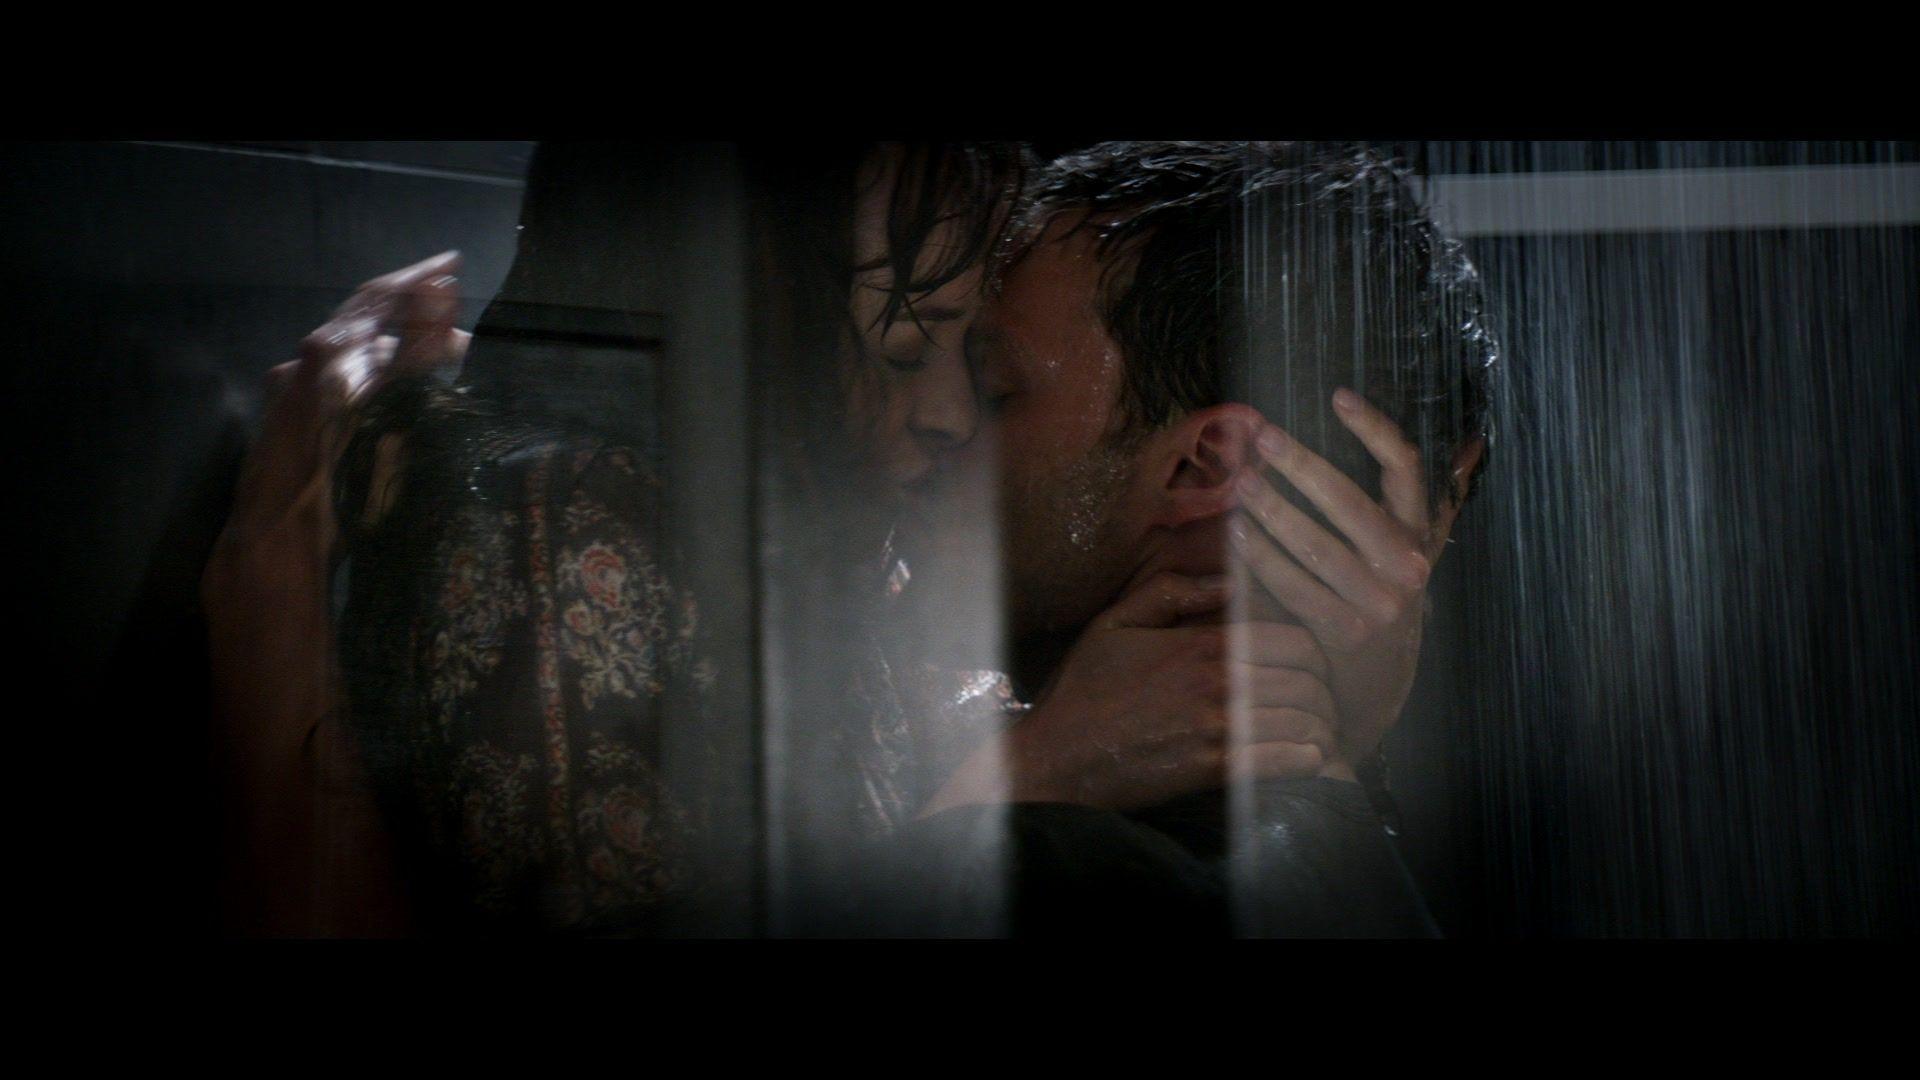 Трахнули зрелую в лифте, Трахнул зрелую в лифте Поебушки. Ком 10 фотография